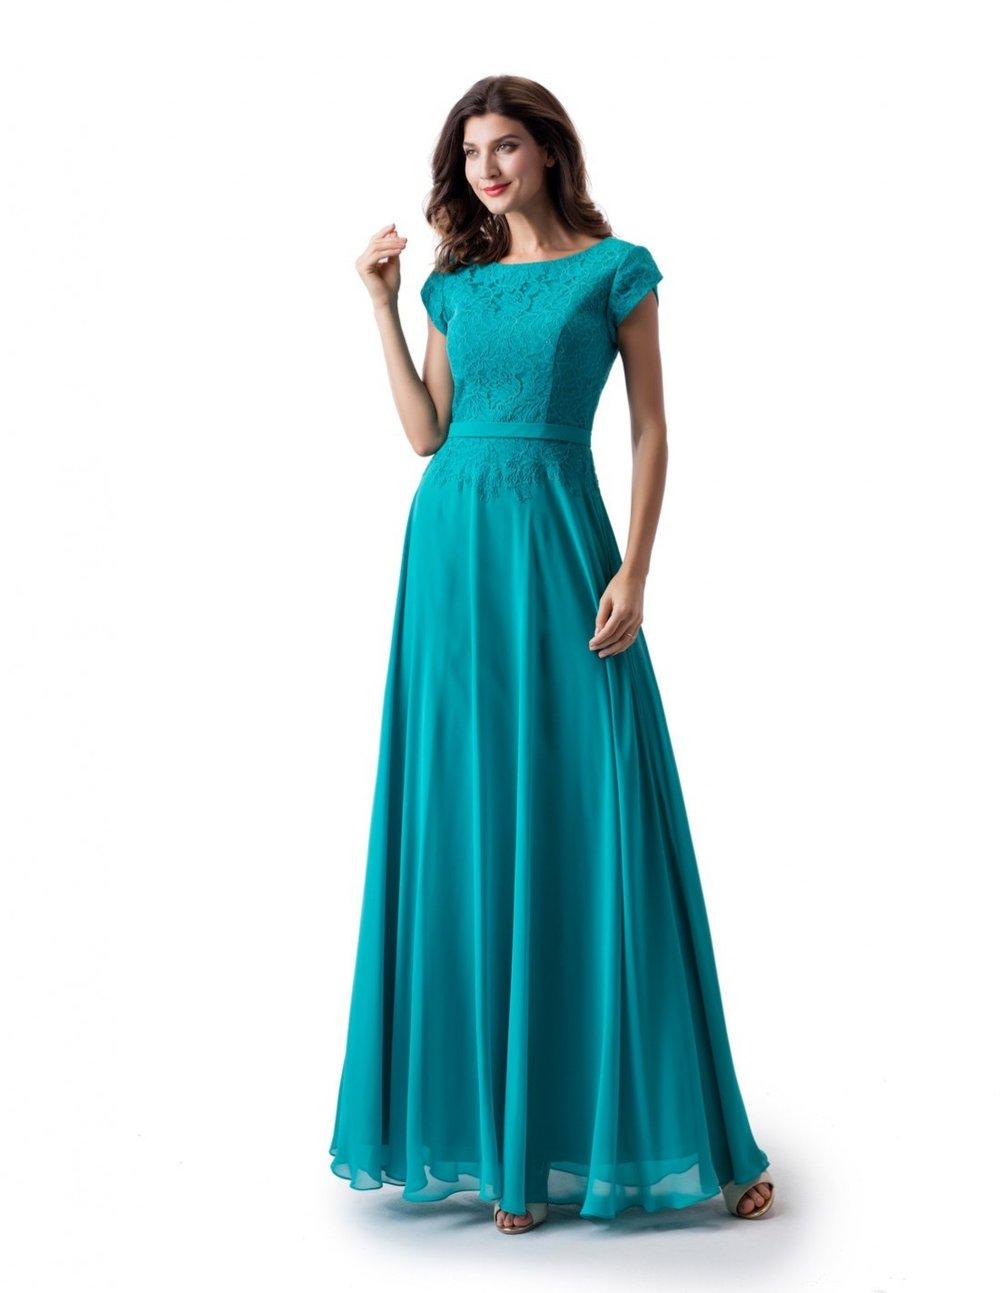 Venus TP5662 Turquoise Modest Prom